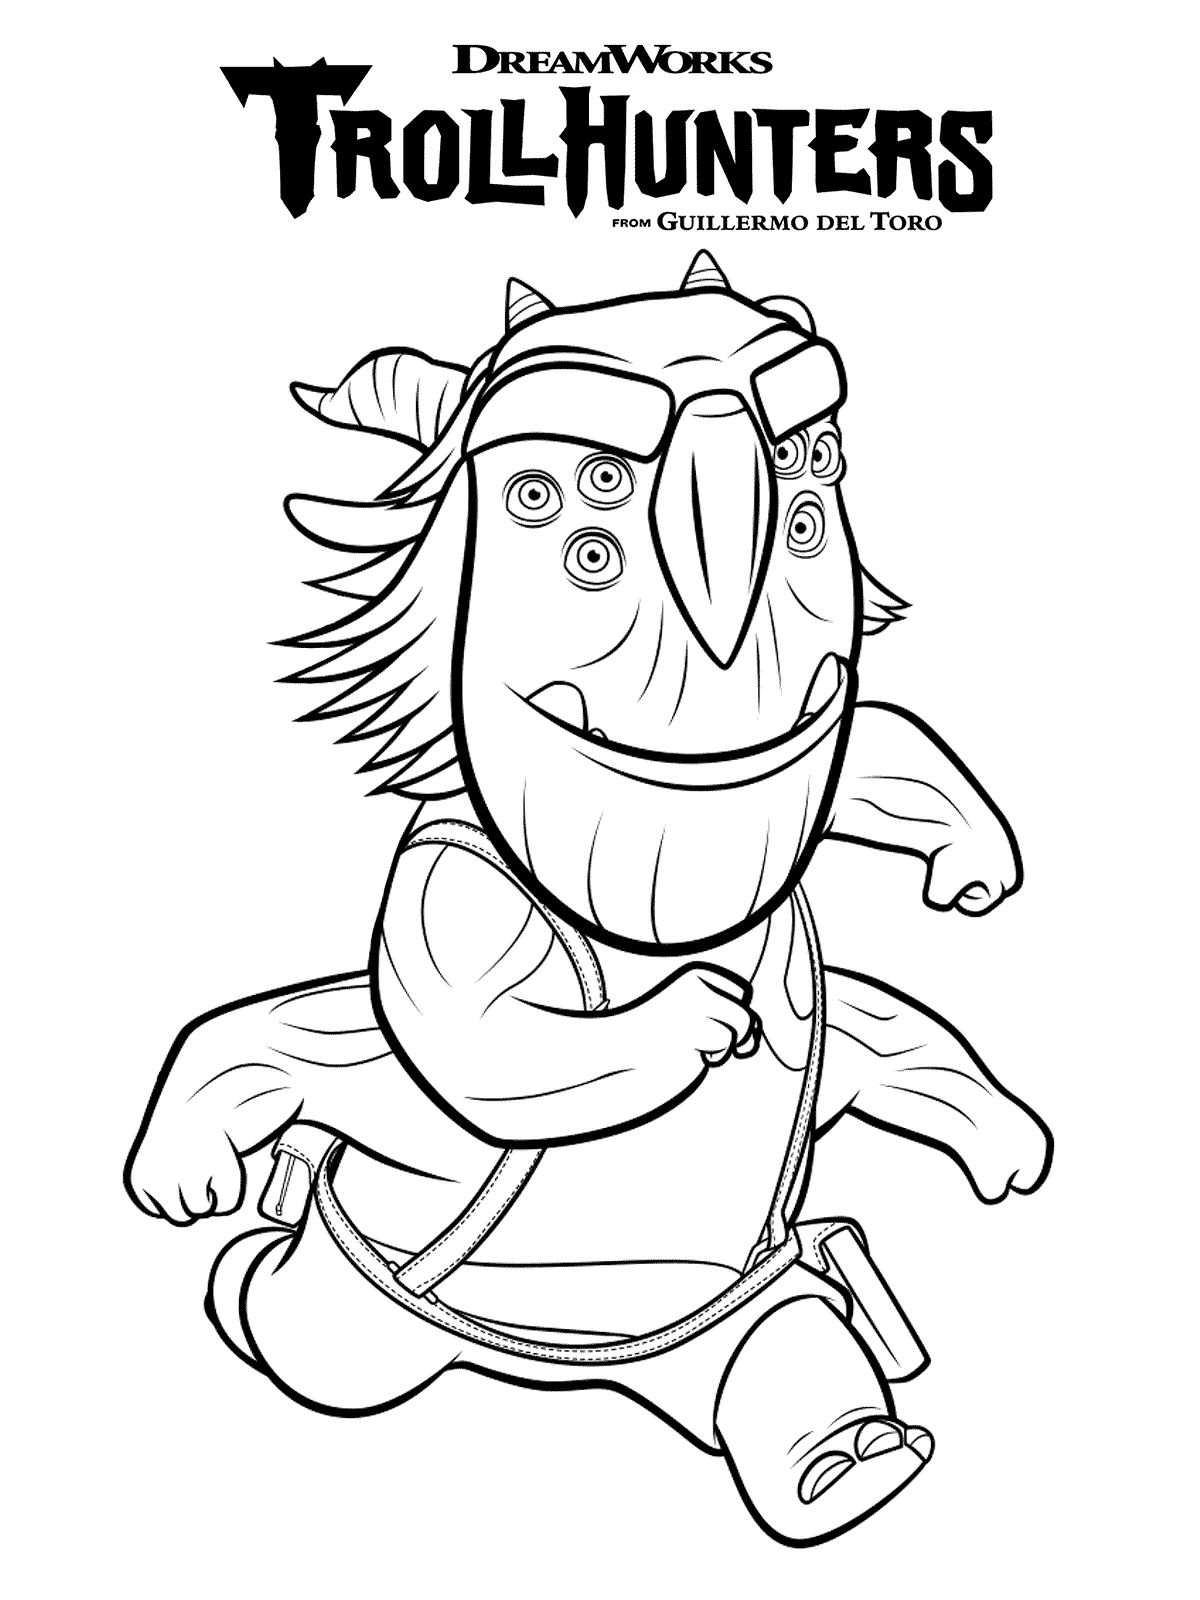 Elegant Kleurplaat Draken Rijders Van Berk 2 Klupaats Website